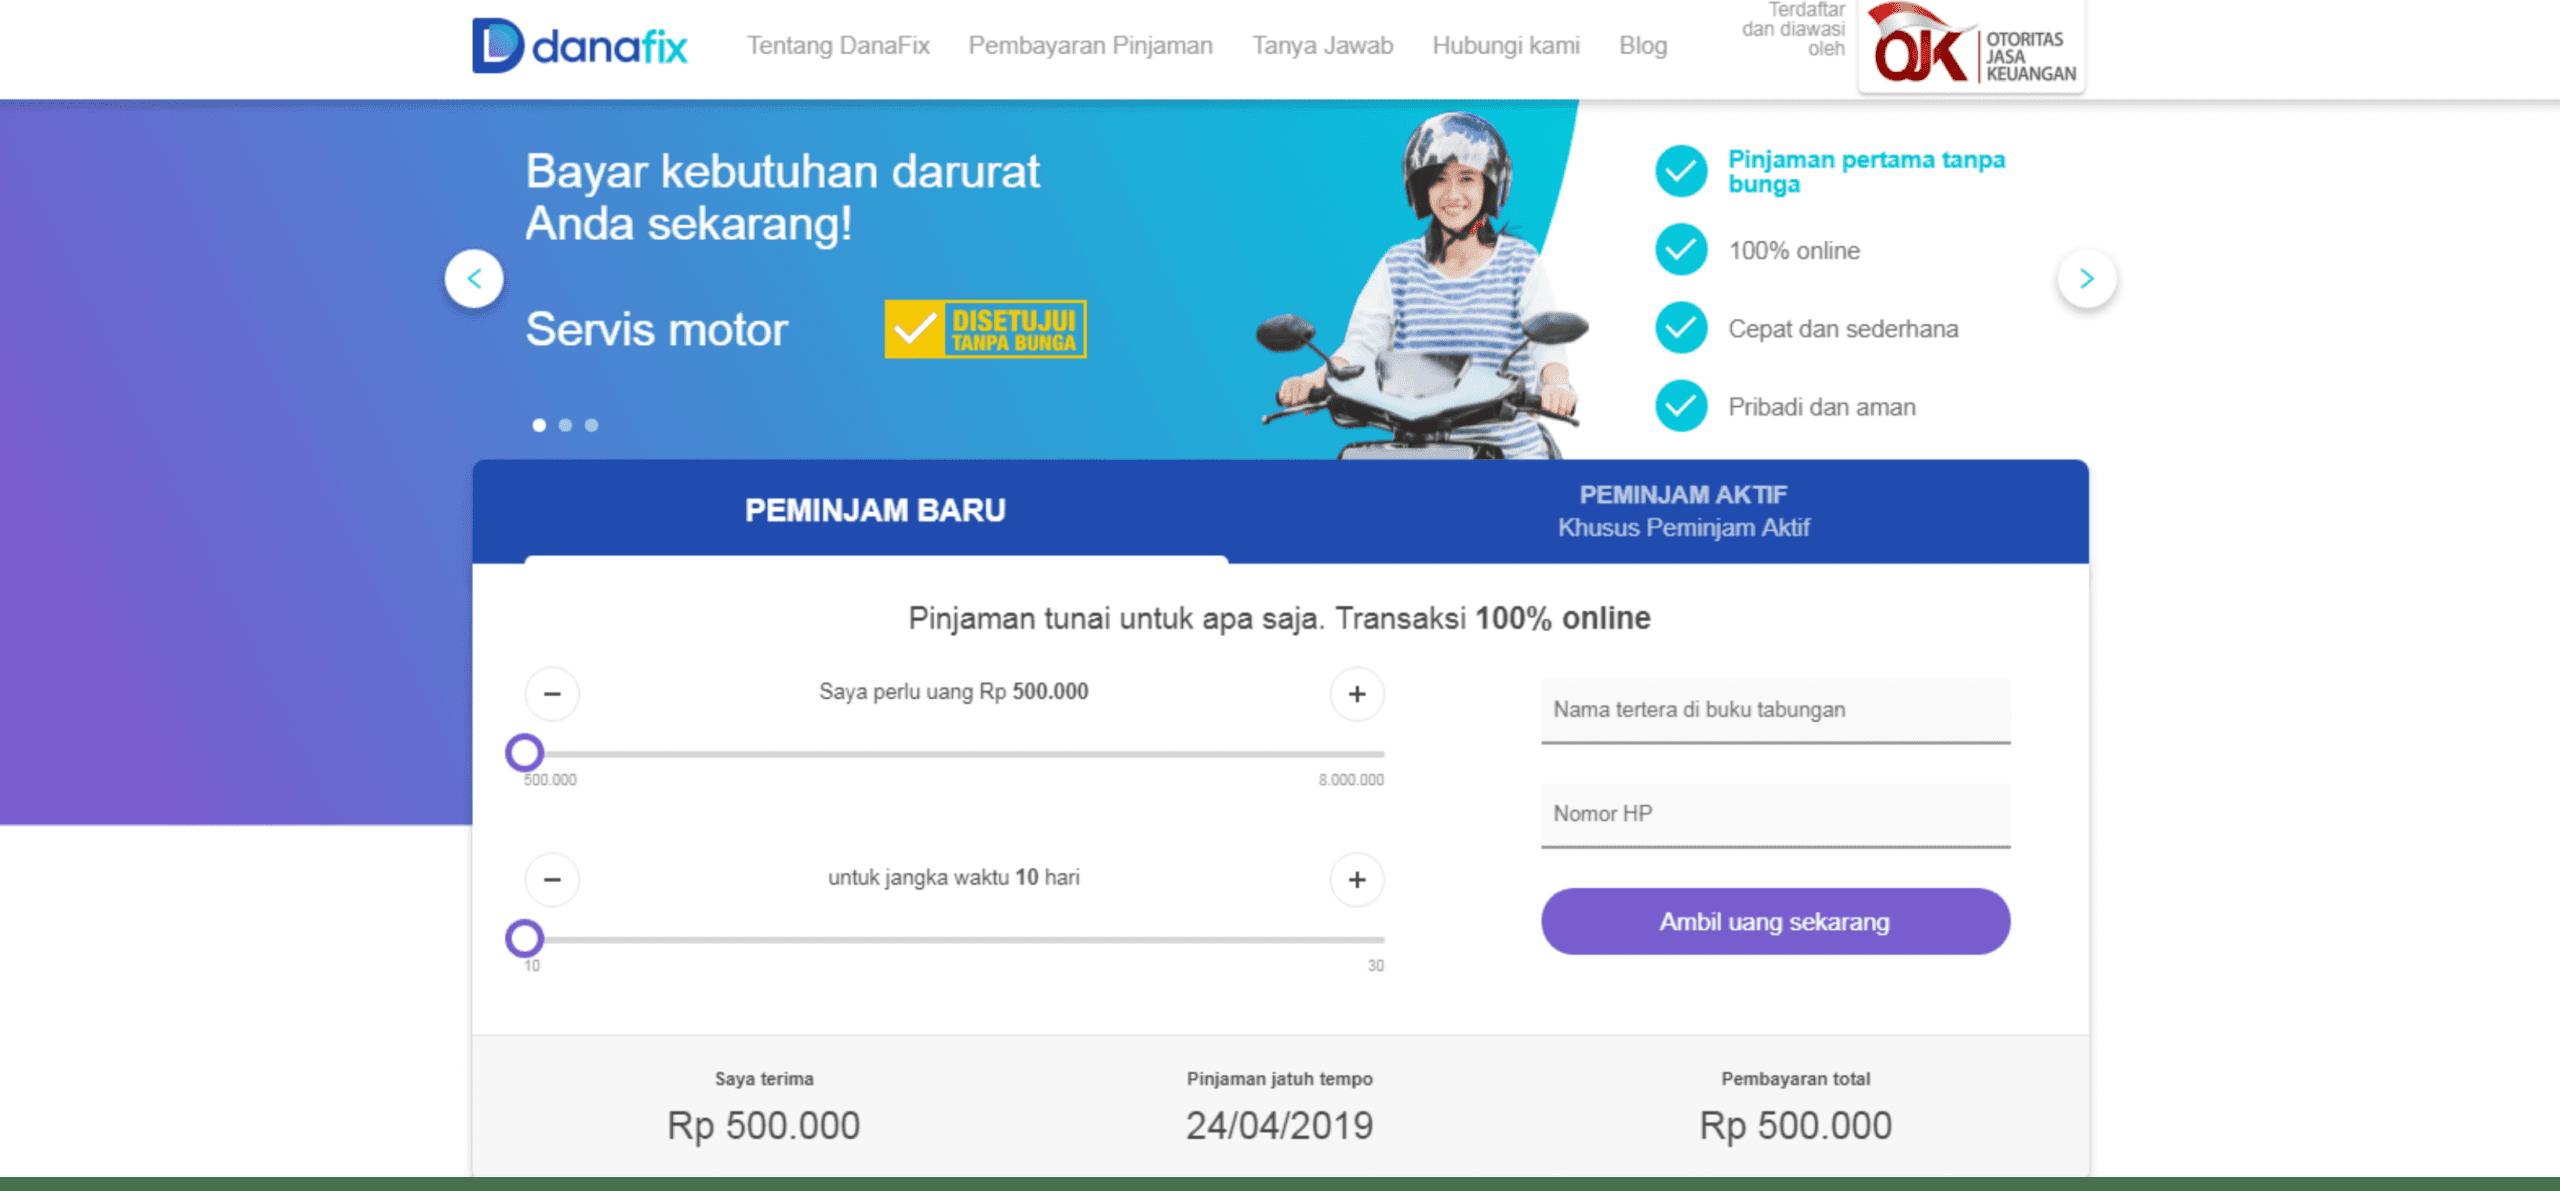 Danafix pinjaman uang yang bisa dicicil